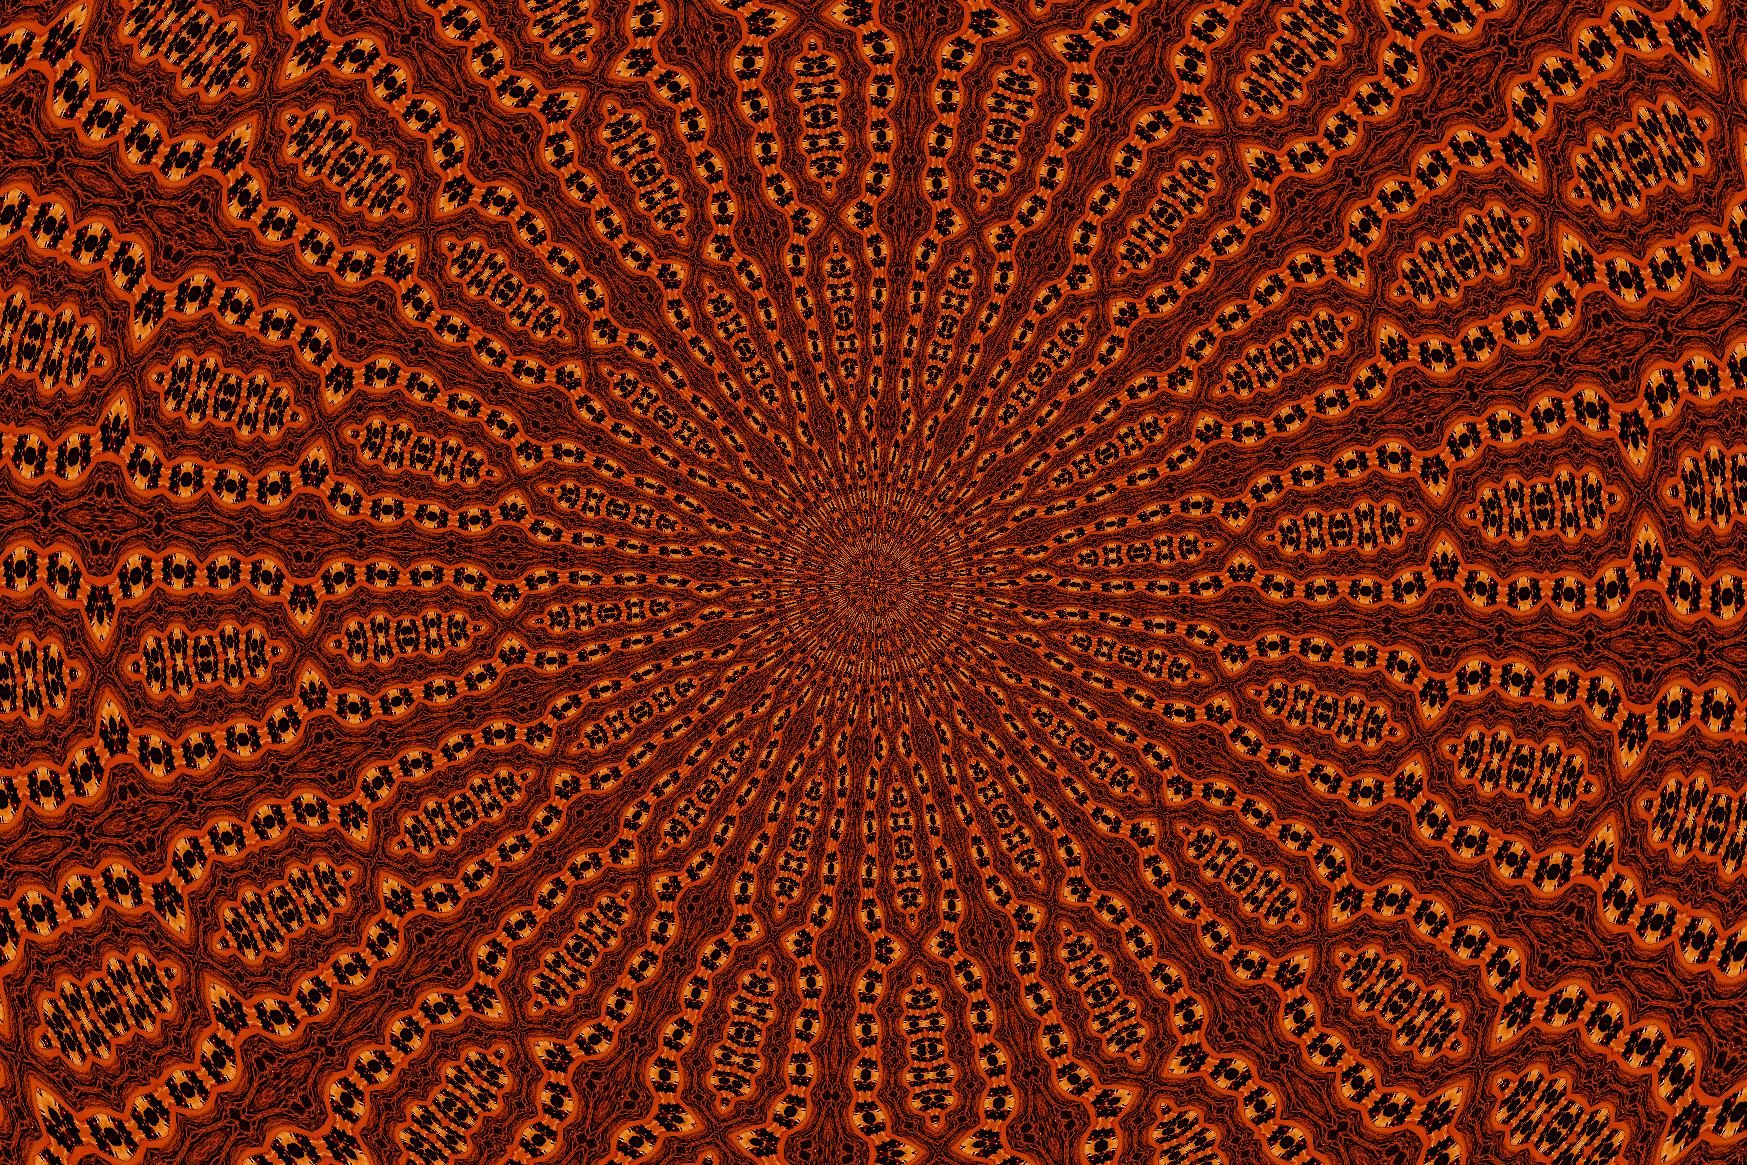 Nucleum by Jakeukalane